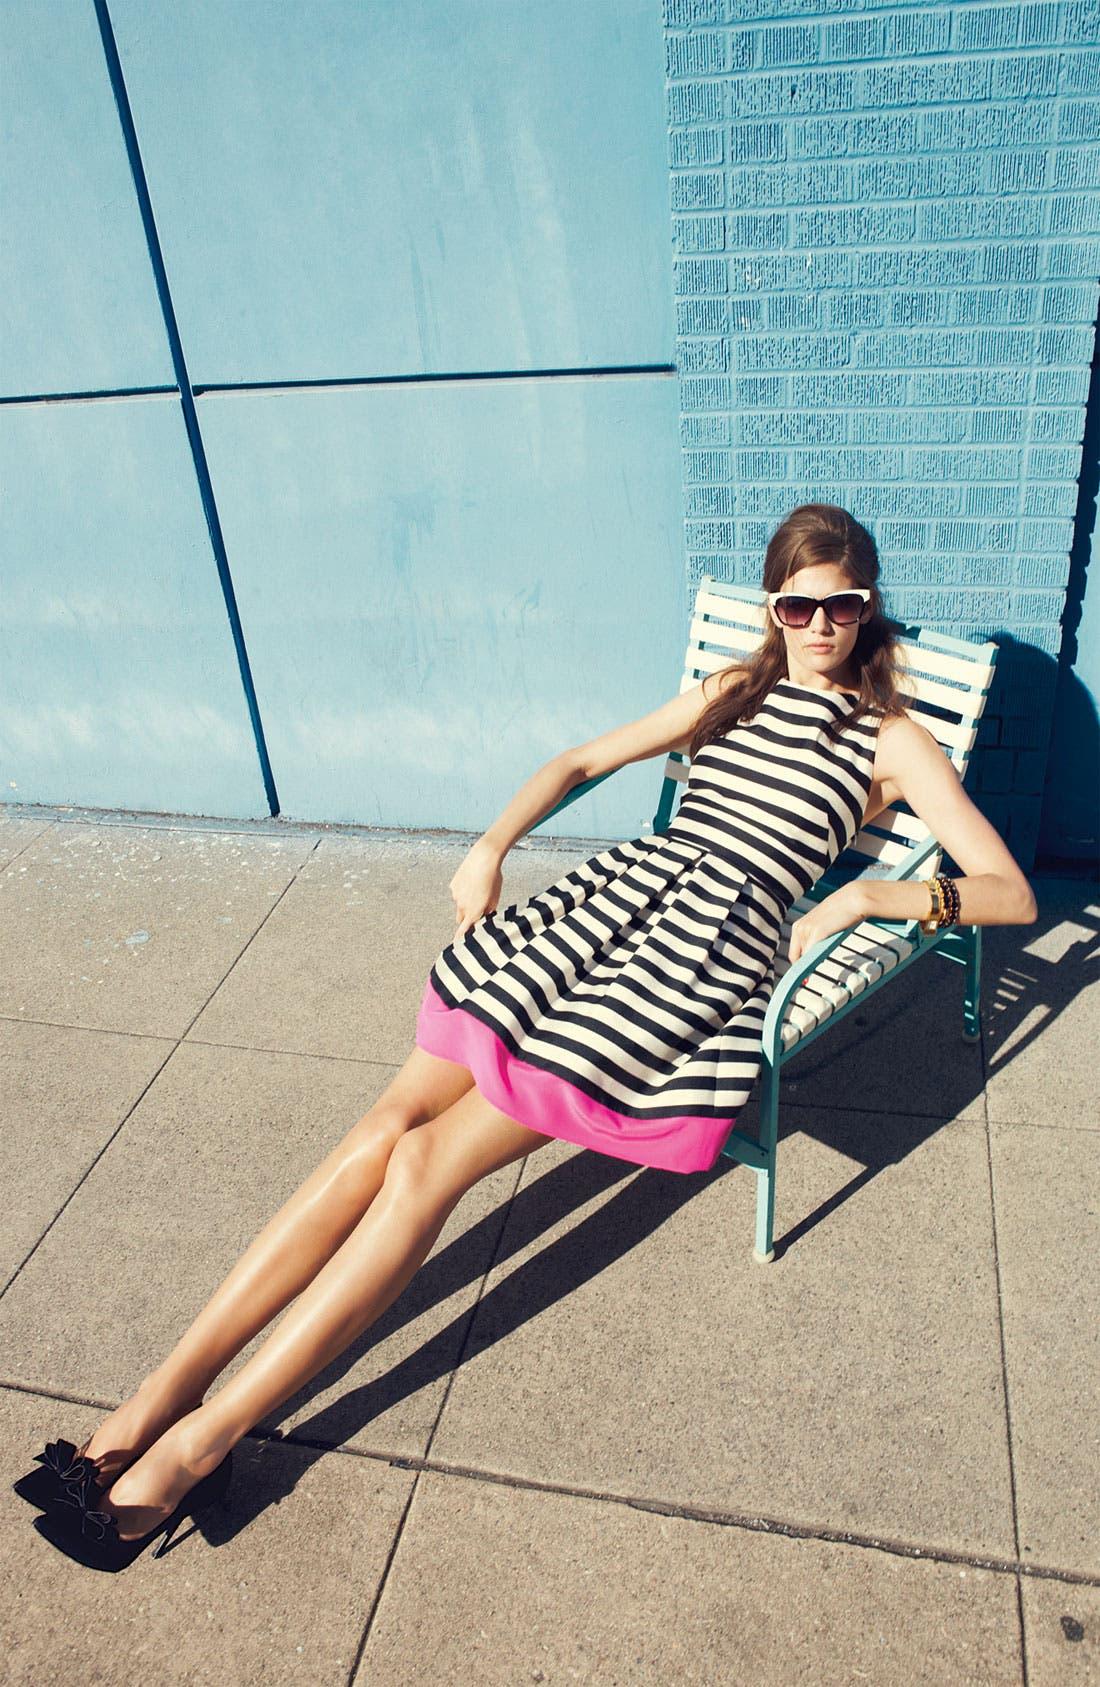 Alternate Image 3  - A.J. Morgan Retro Sunglasses